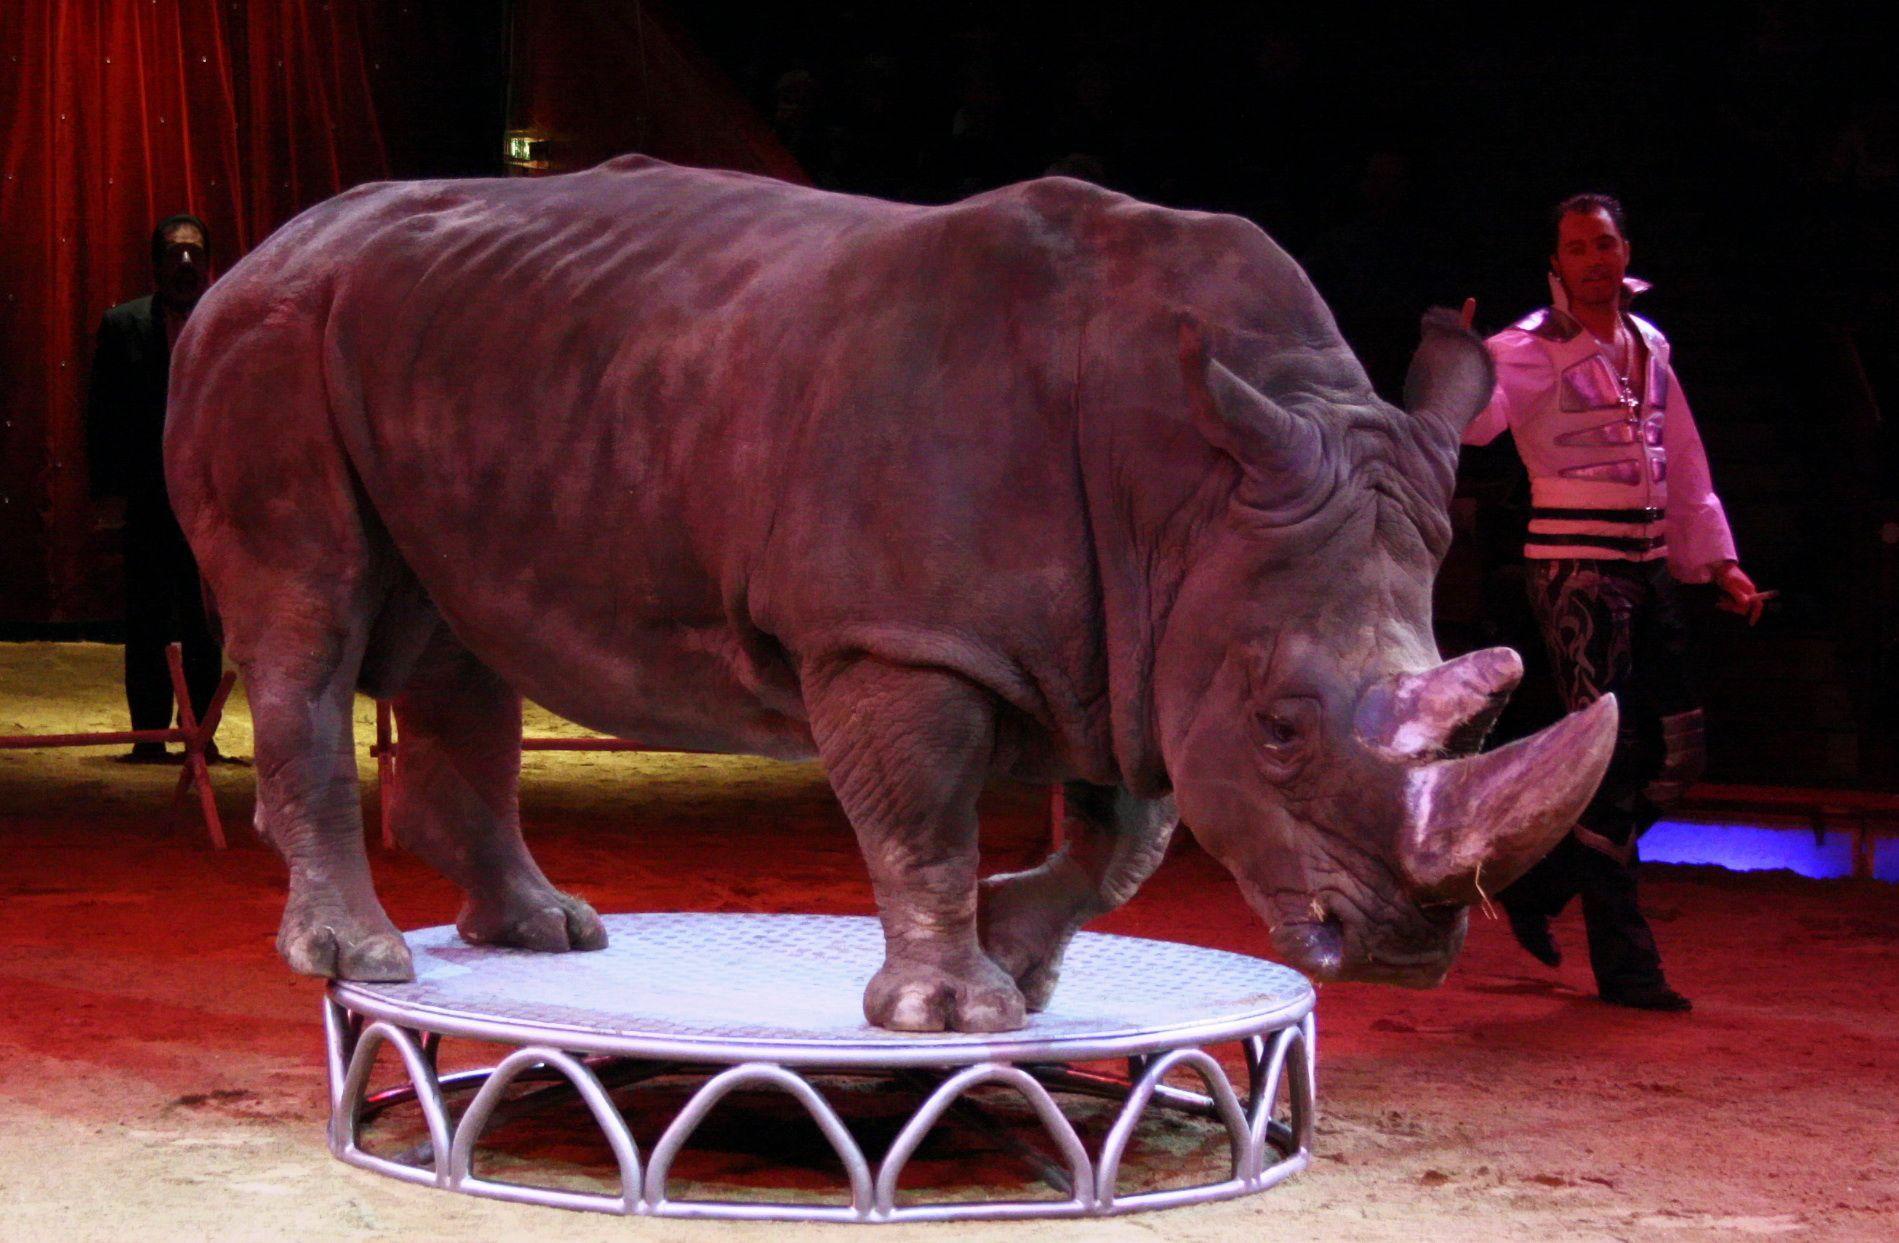 Circo con animali in Italia sempre più in crisi, riforma per abolirlo in Senato